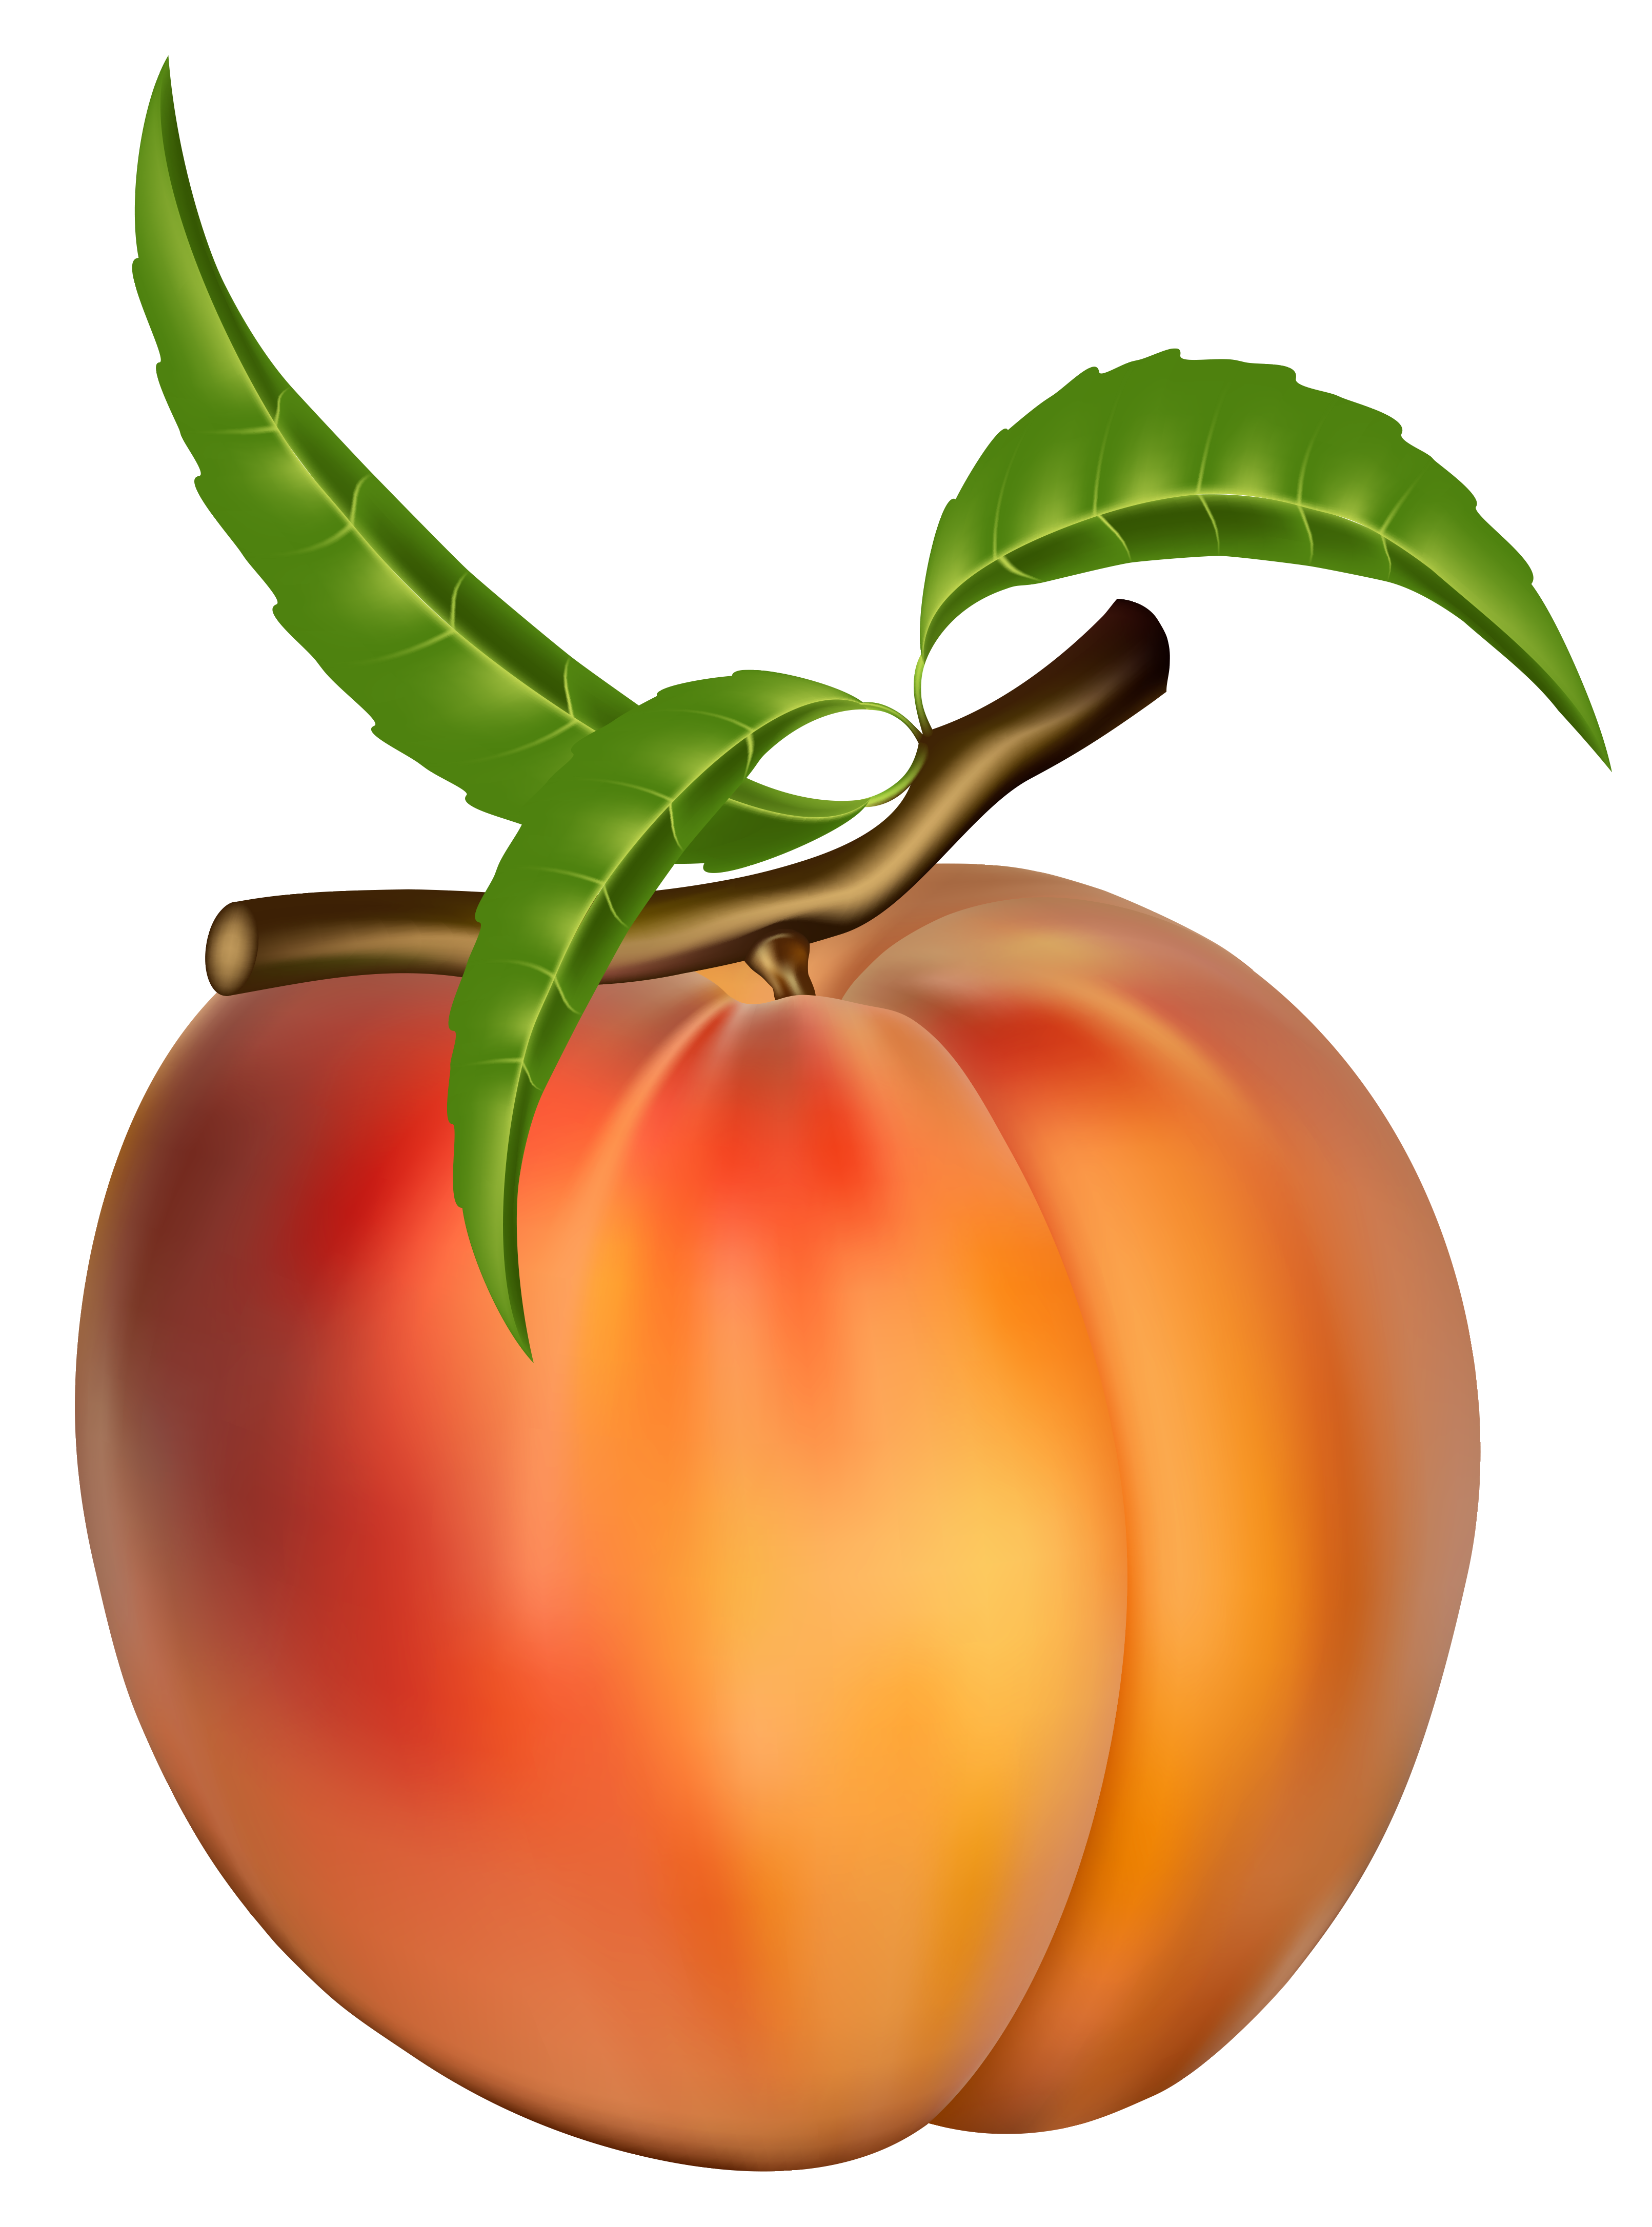 Peach Clipart Free Imagens De Frutas Frutas Desenhos De Frutas